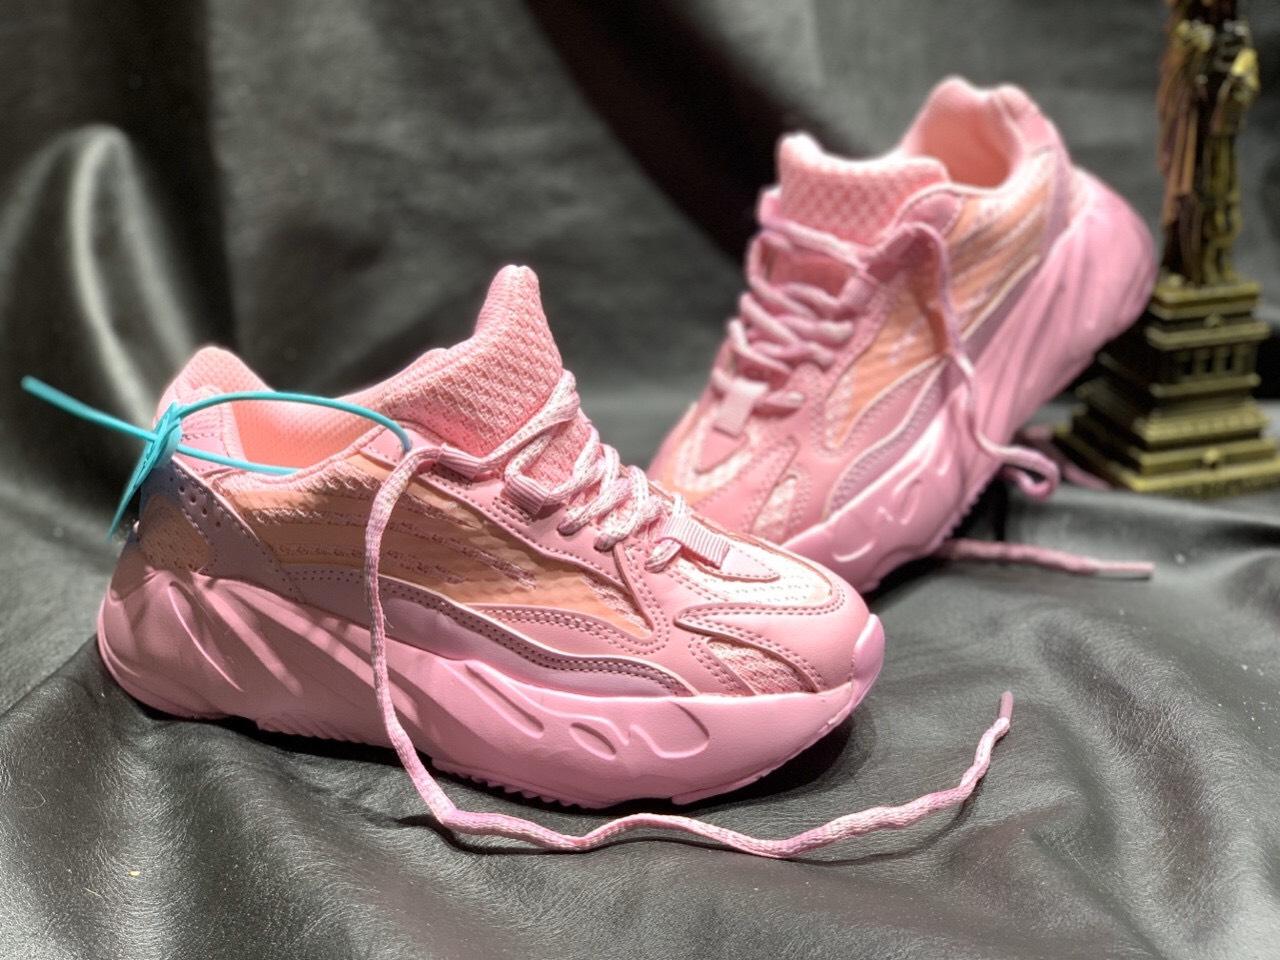 giày adidas yeezy 700 màu hồng